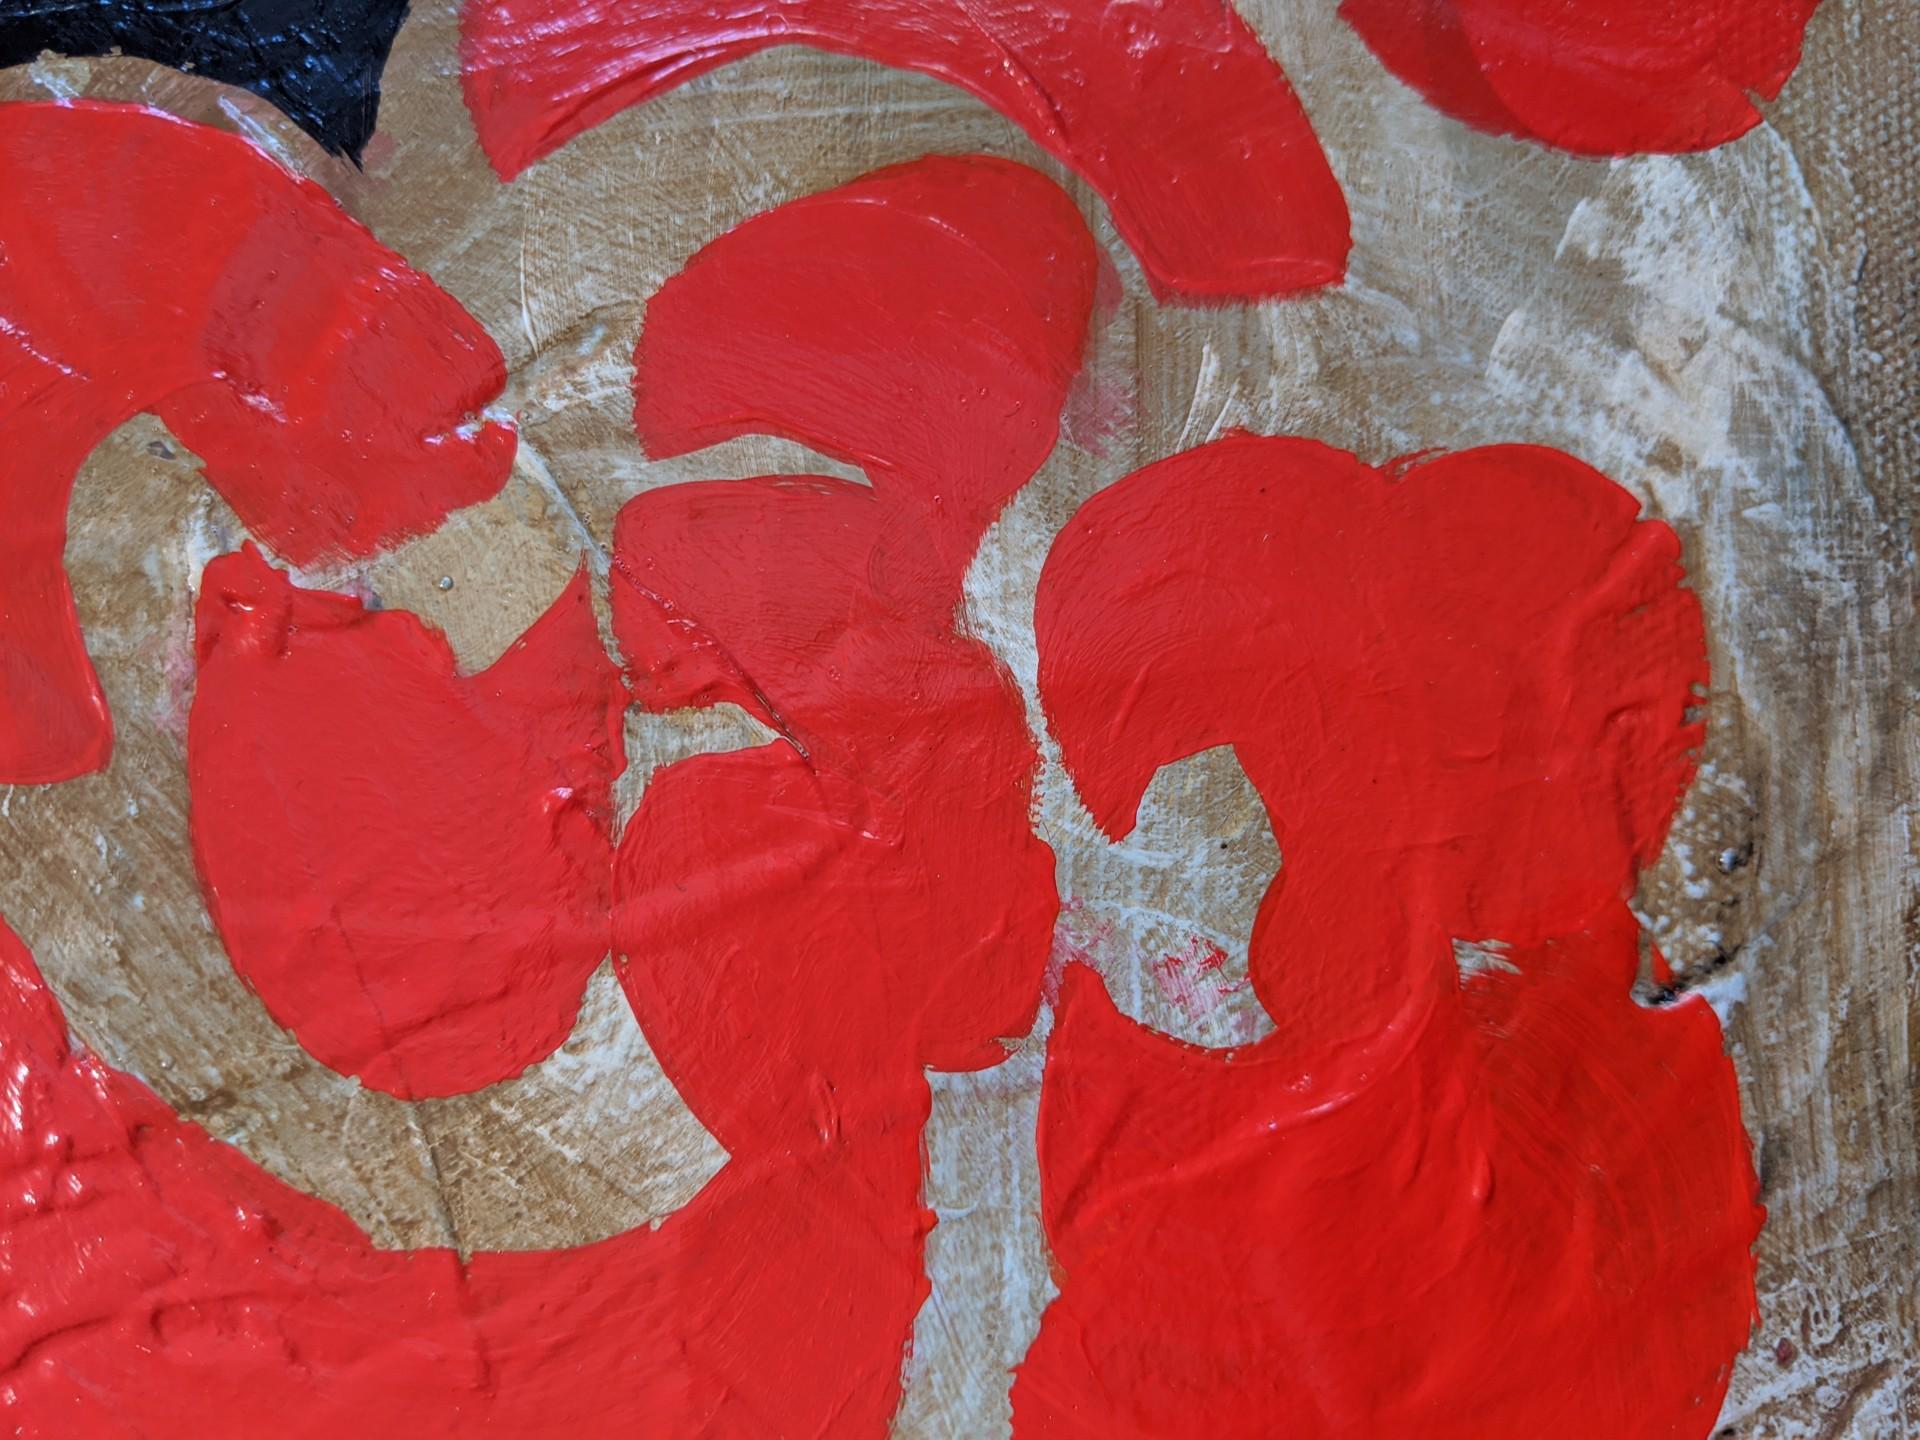 Garden Red & Black by Helen Bellaver